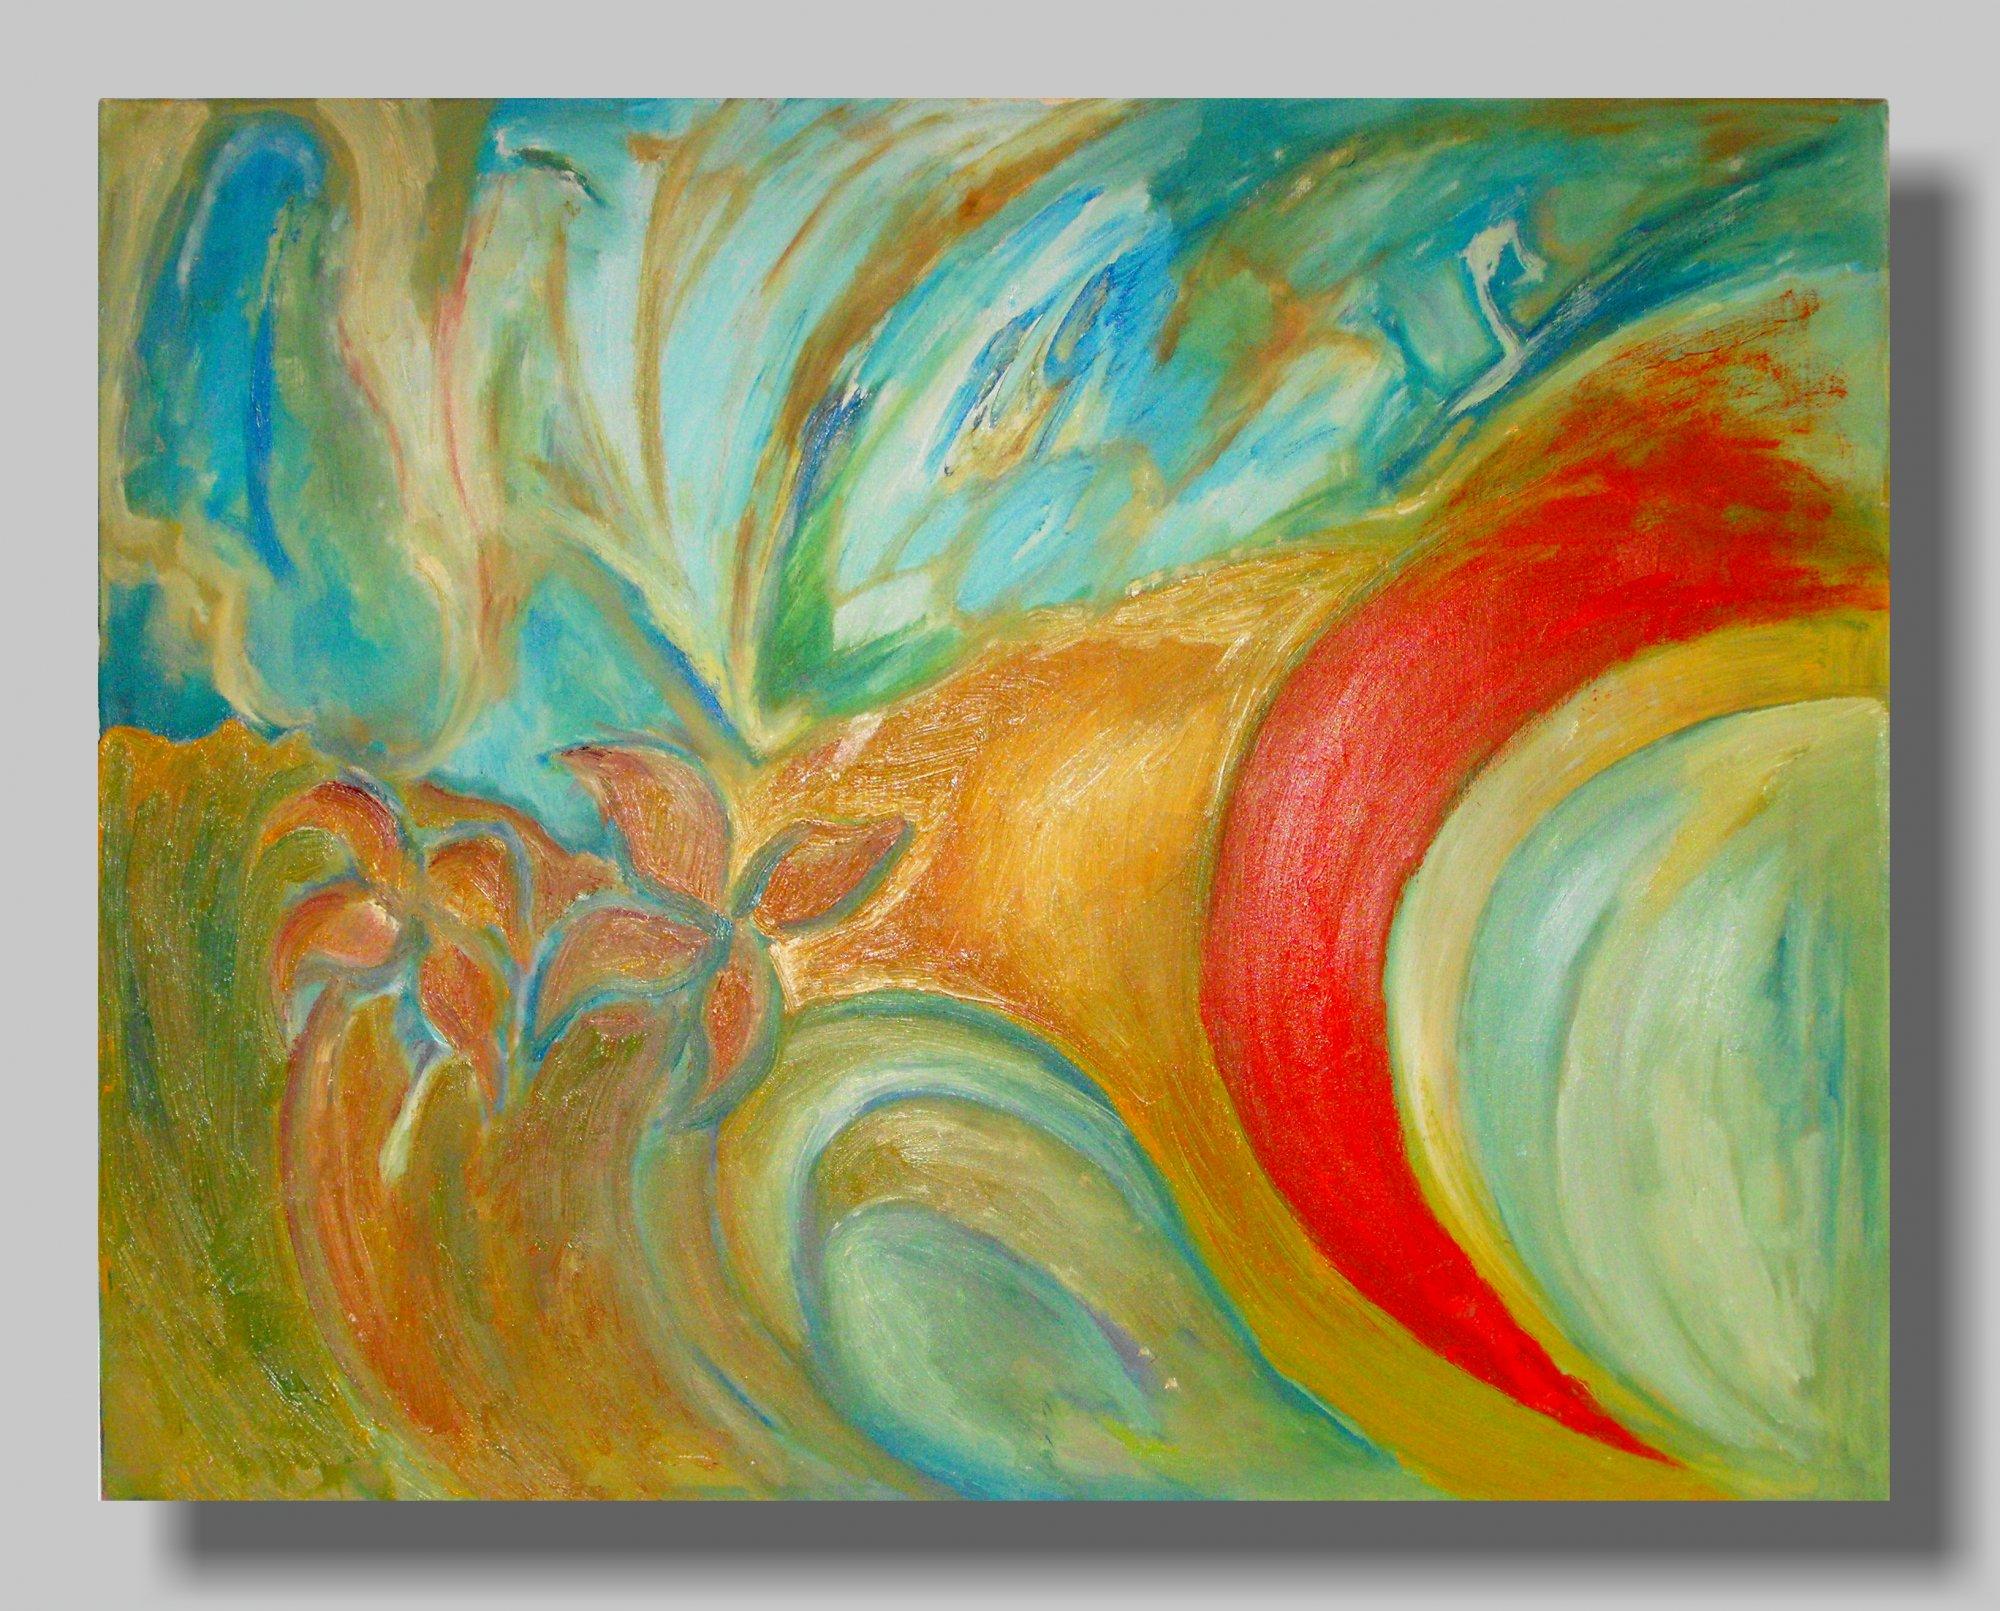 Fiori Tropicali.Fiori Tropicali Duccio Federighi Artwork Celeste Network